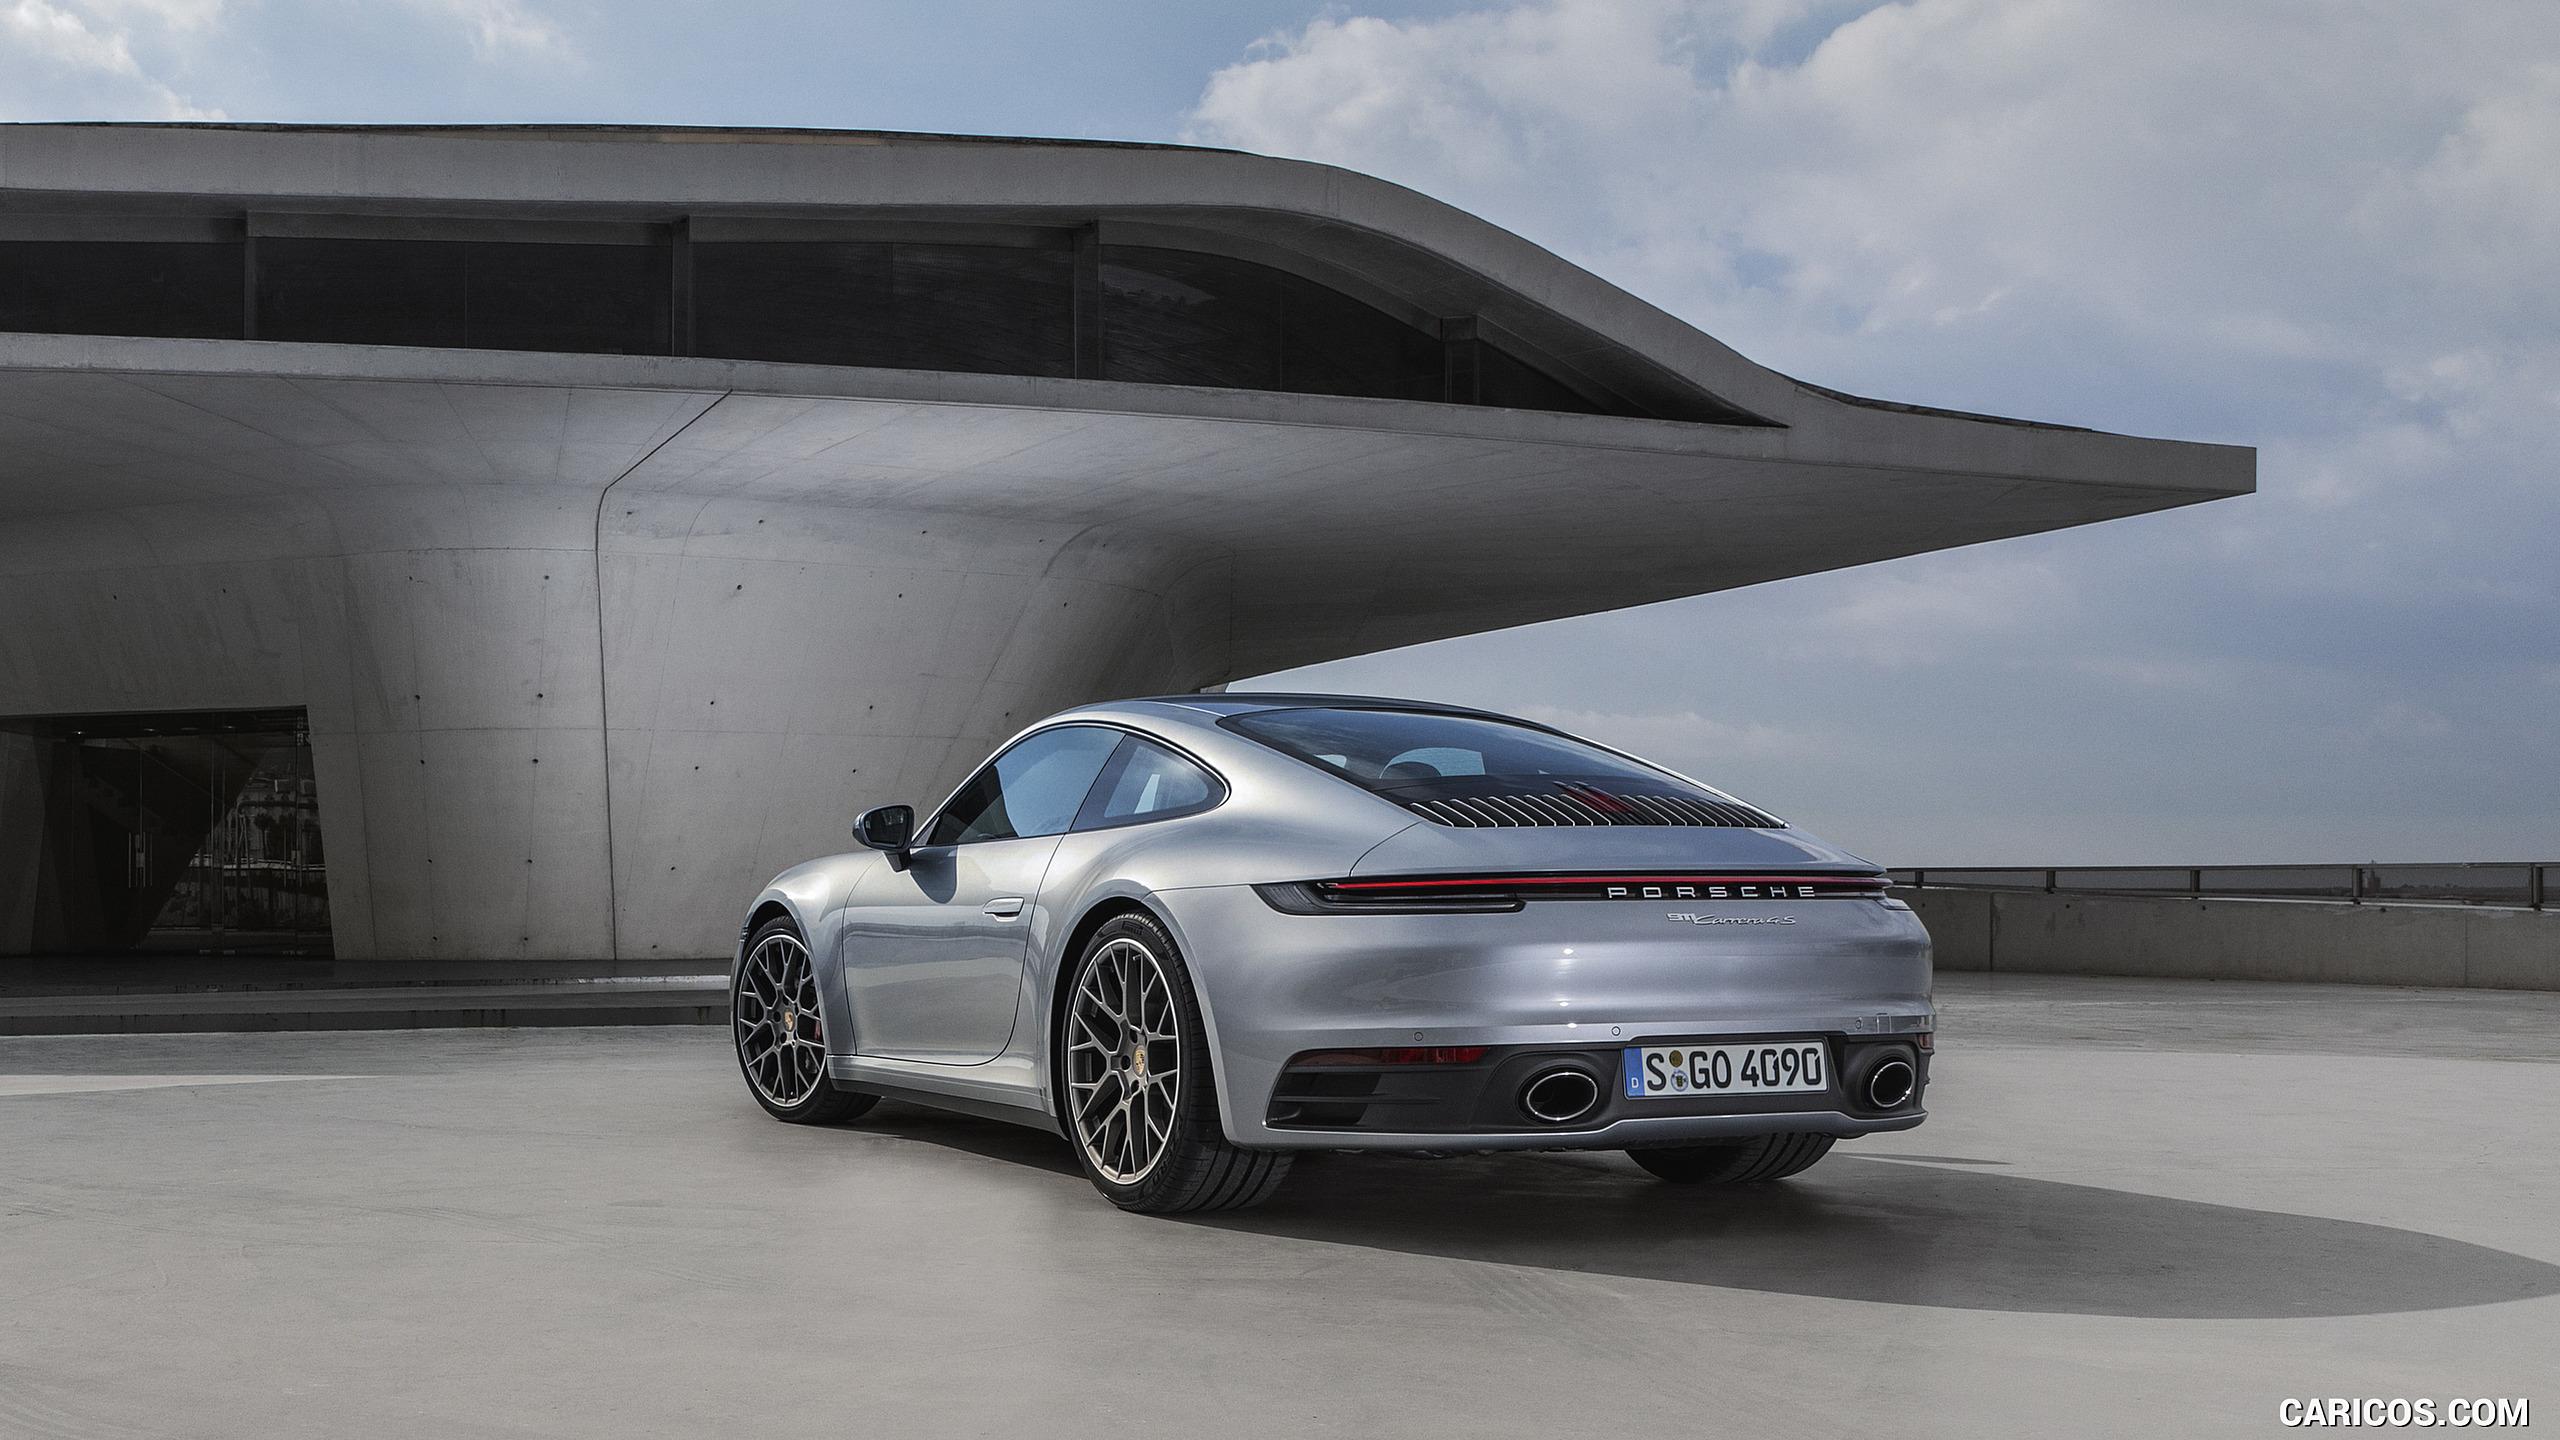 2020 Porsche 911 Carrera 4S   Rear Three Quarter HD Wallpaper 14 2560x1440